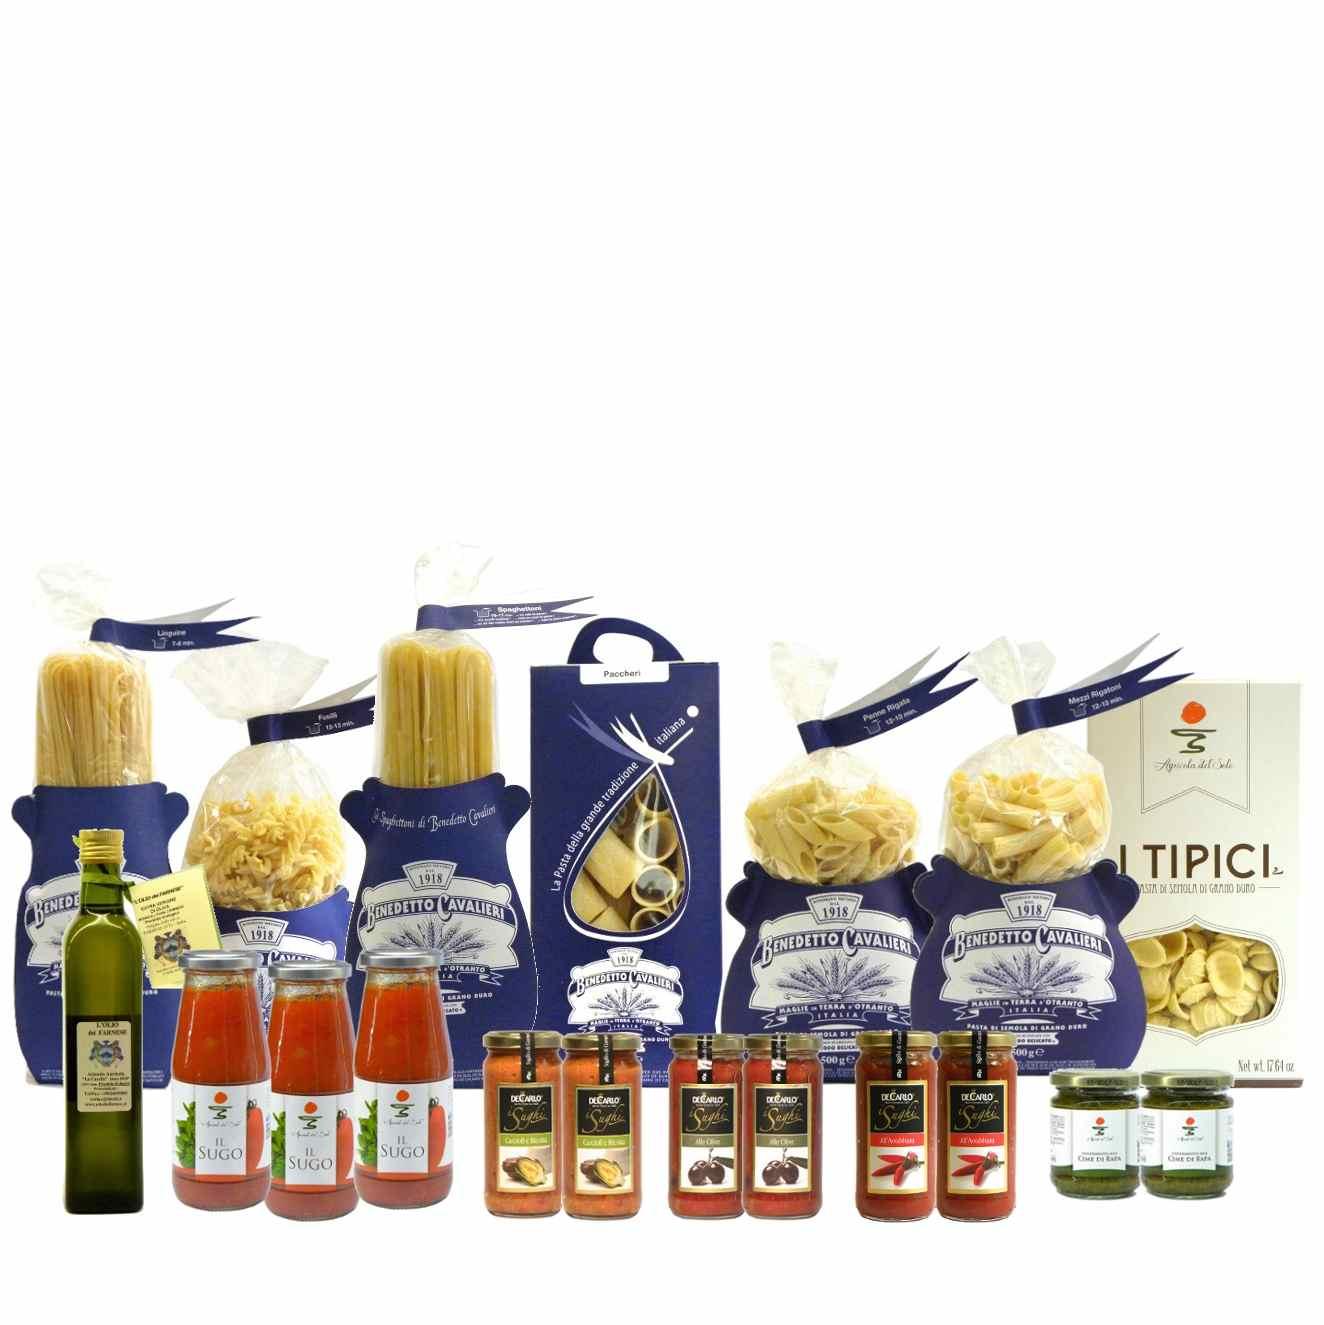 Dispensa Pasta Cavalieri Sughi Olio Extravergine – Pantry Cavalieri Pasta Sauces EVO Oil  – Gustorotondo – Italian Food Boutique